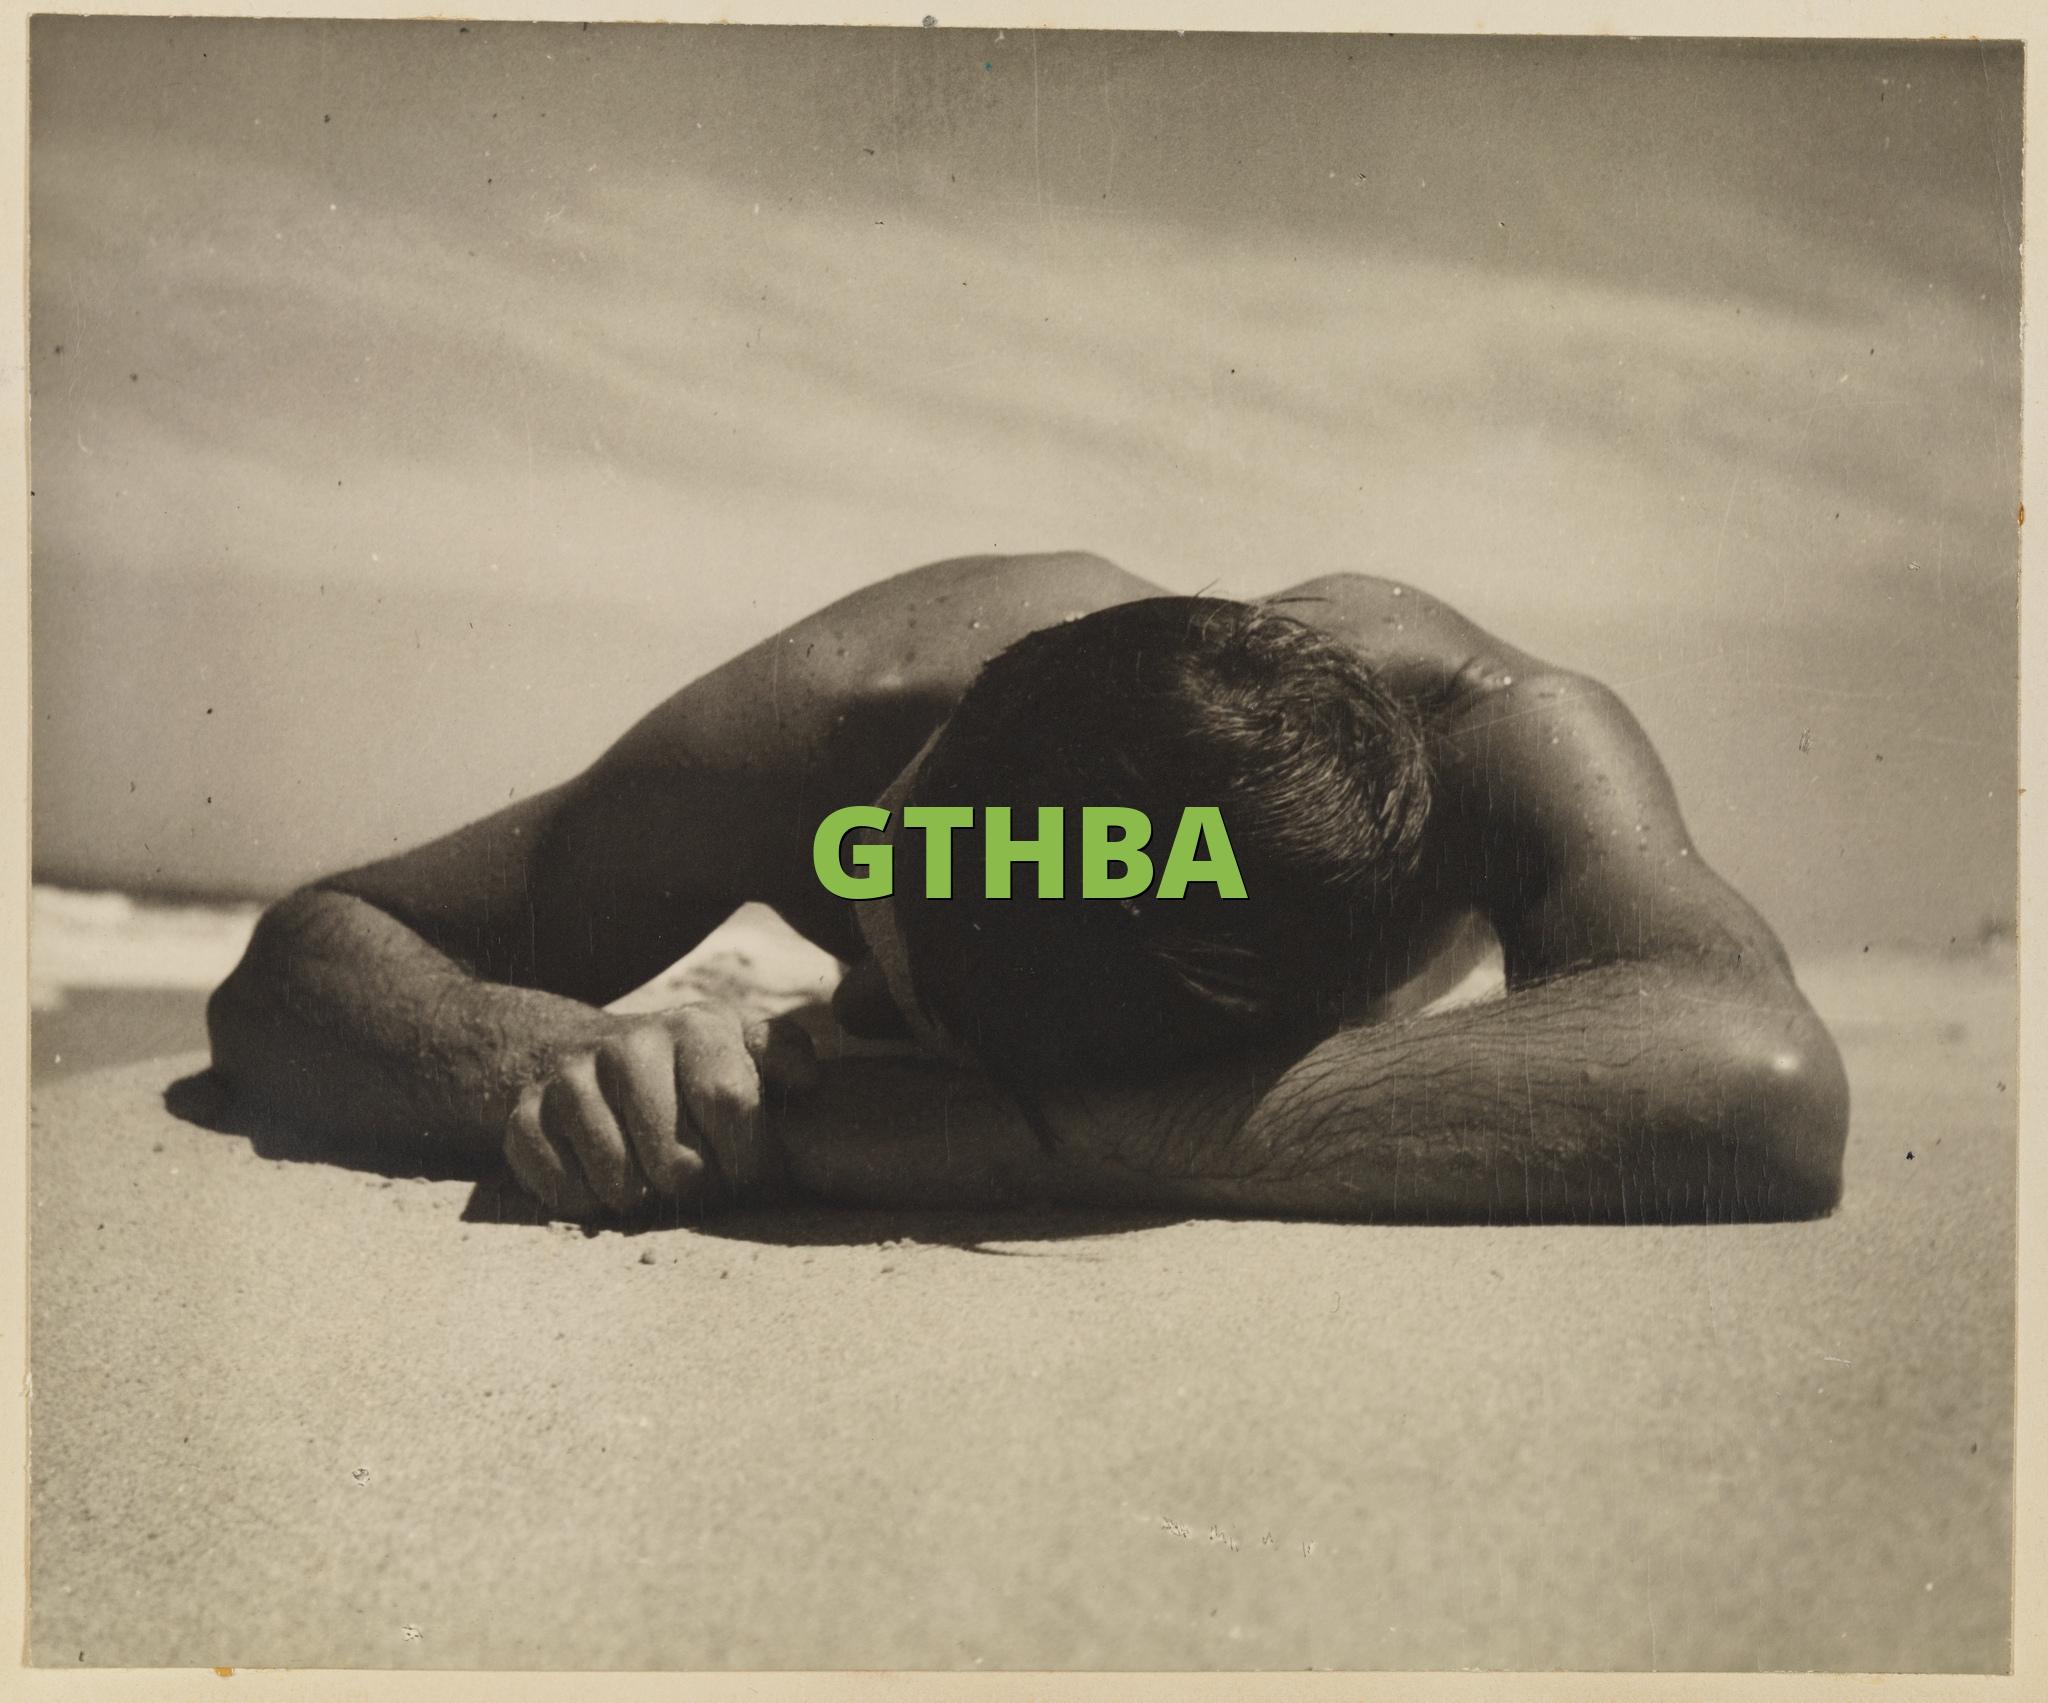 GTHBA